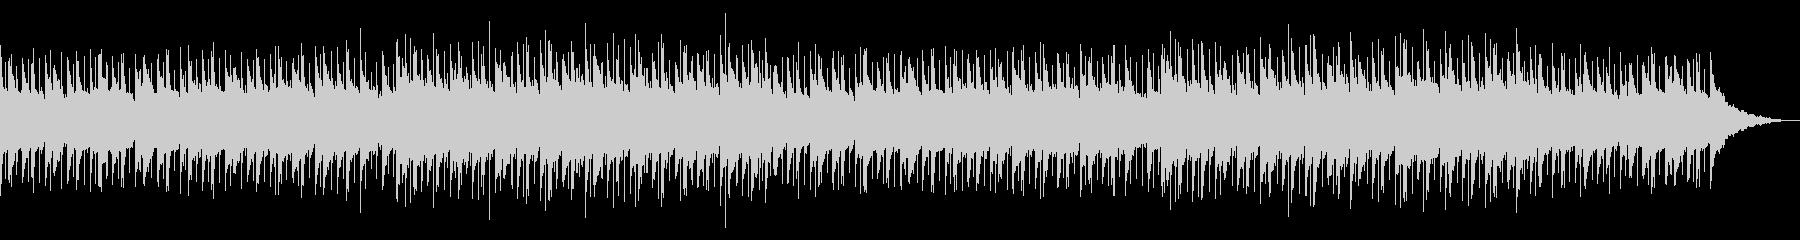 穏やかで綺麗なピアノアコースティックの未再生の波形